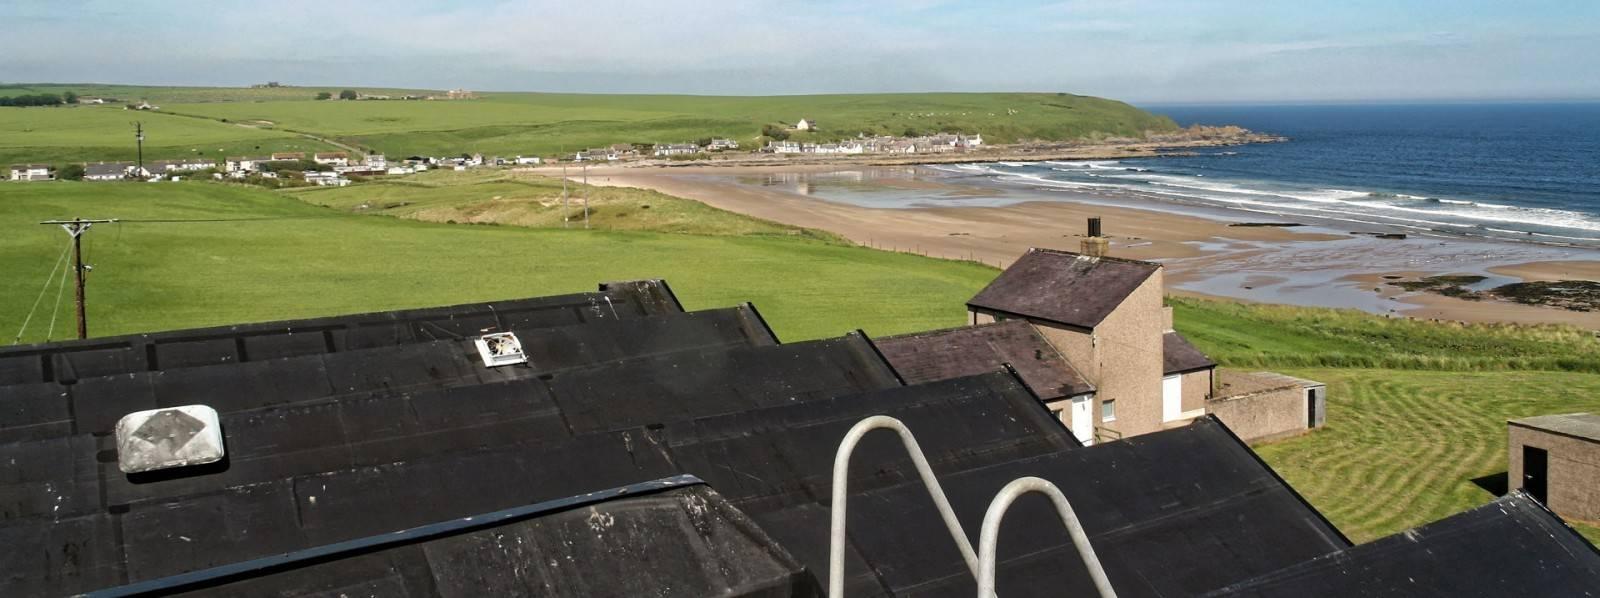 Glenglassaugh Schöne Aussicht Richtung Meer vom Dach des Stillhouse